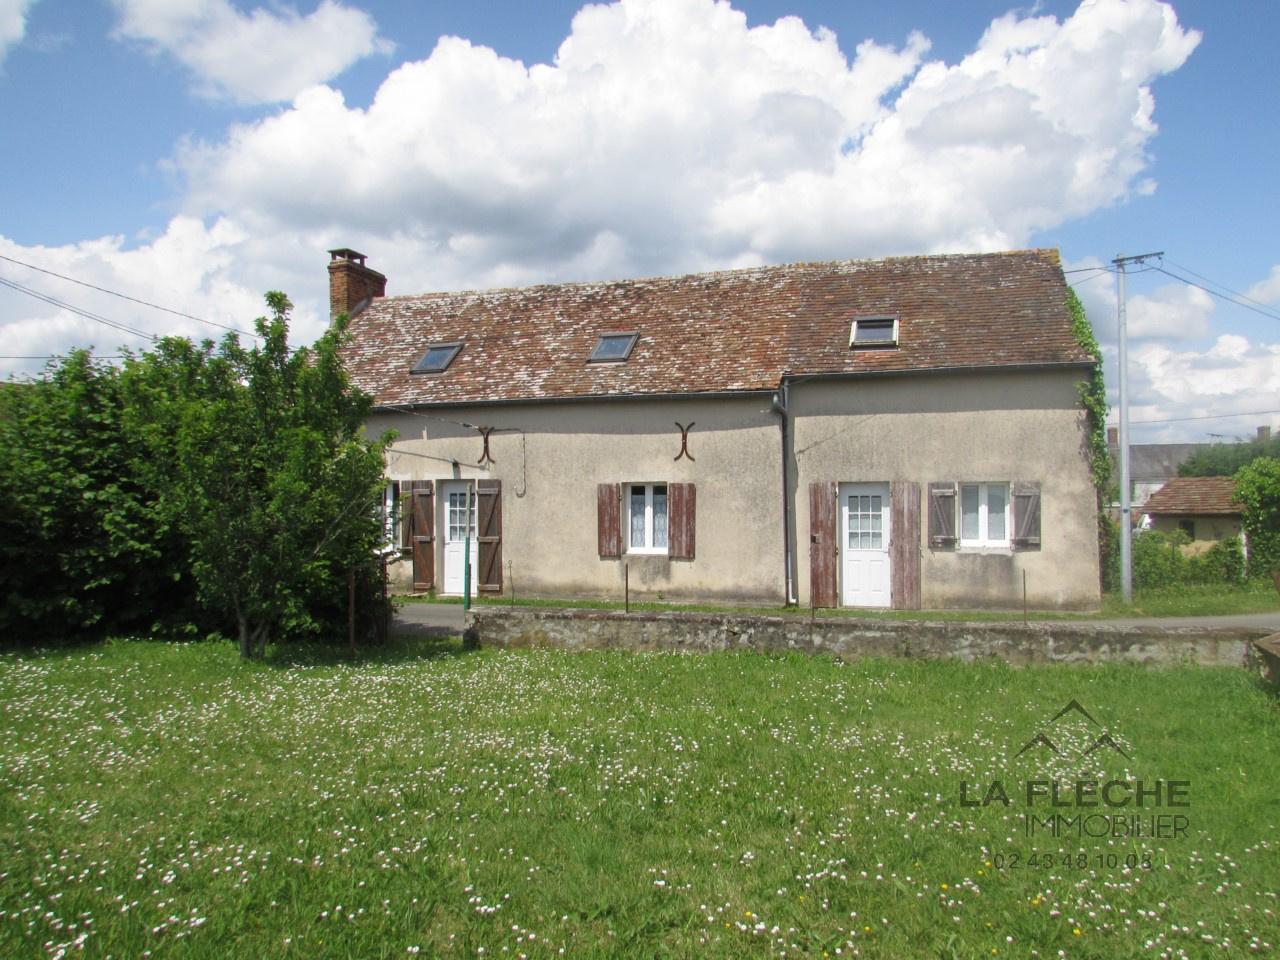 Recherche la fleche immobilier for Maison saint jean lille